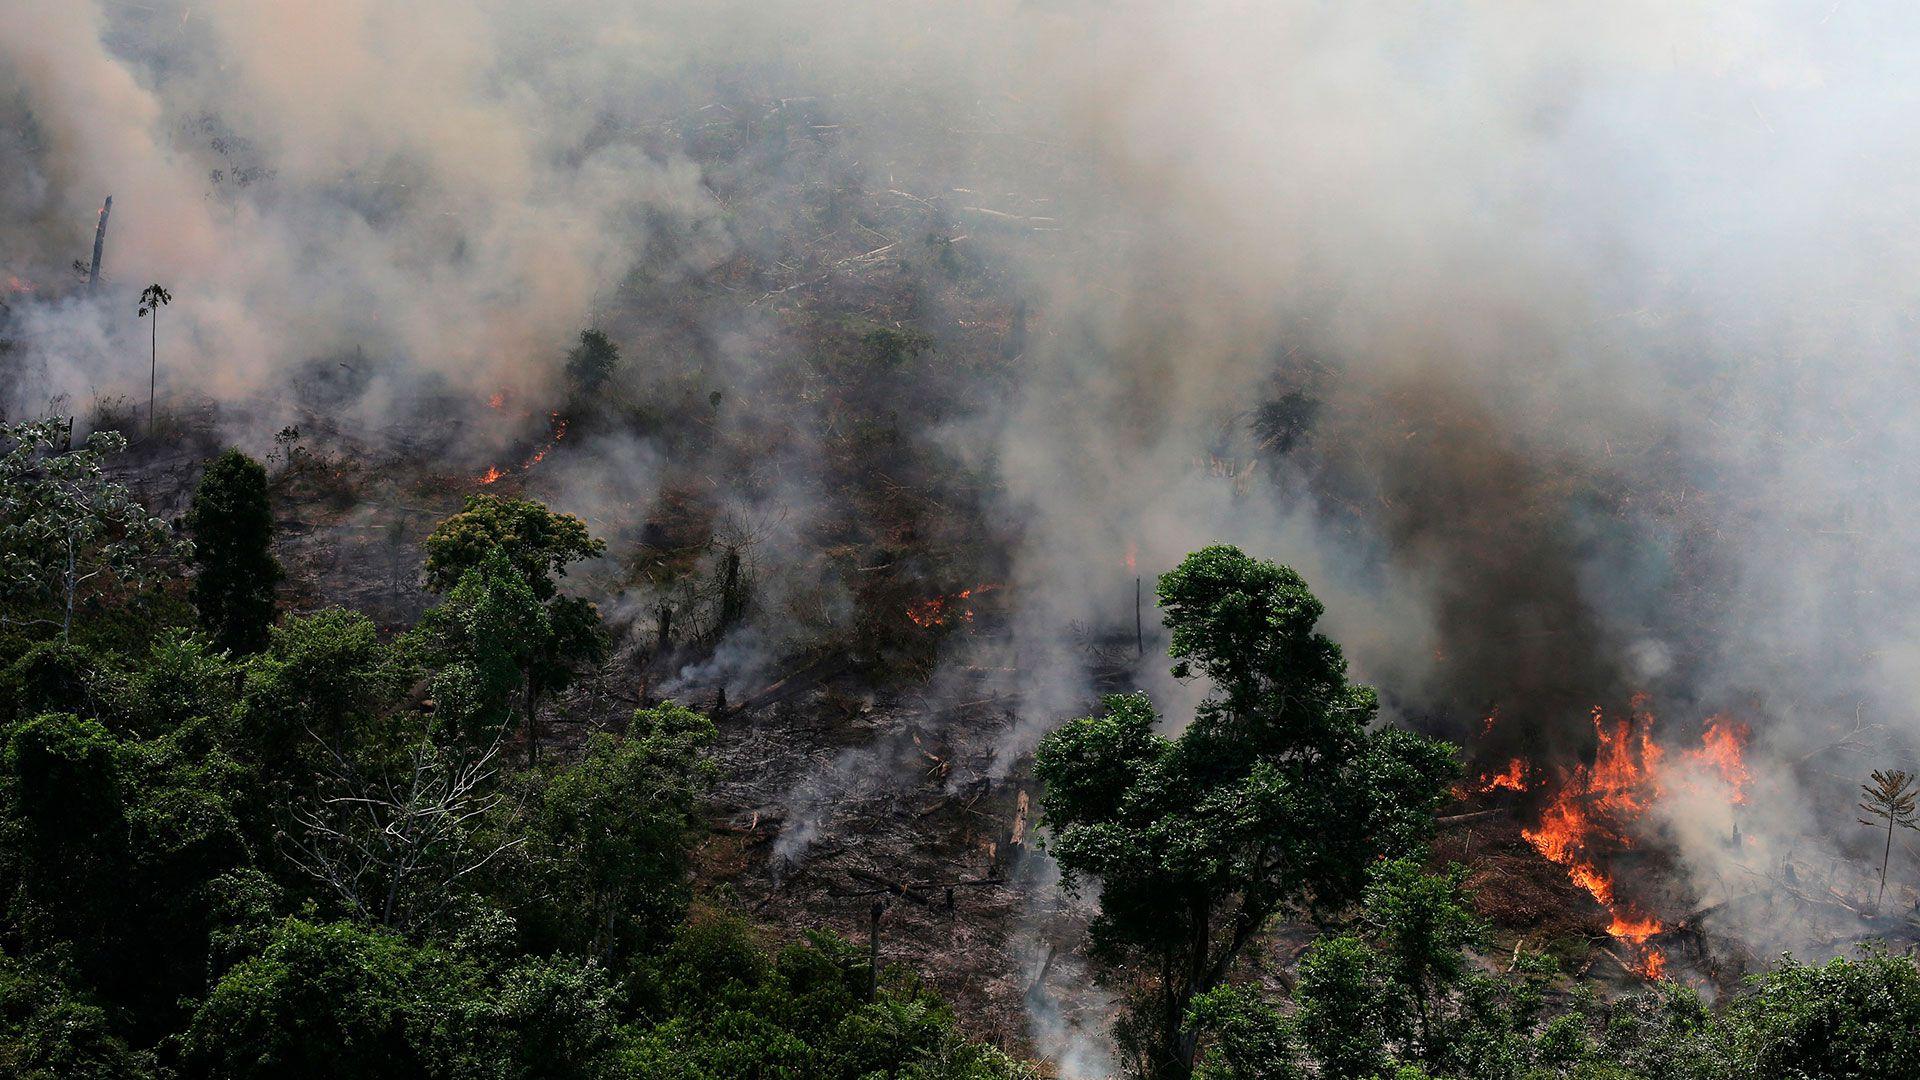 El incendio en el Amazonas conmueve al mundo